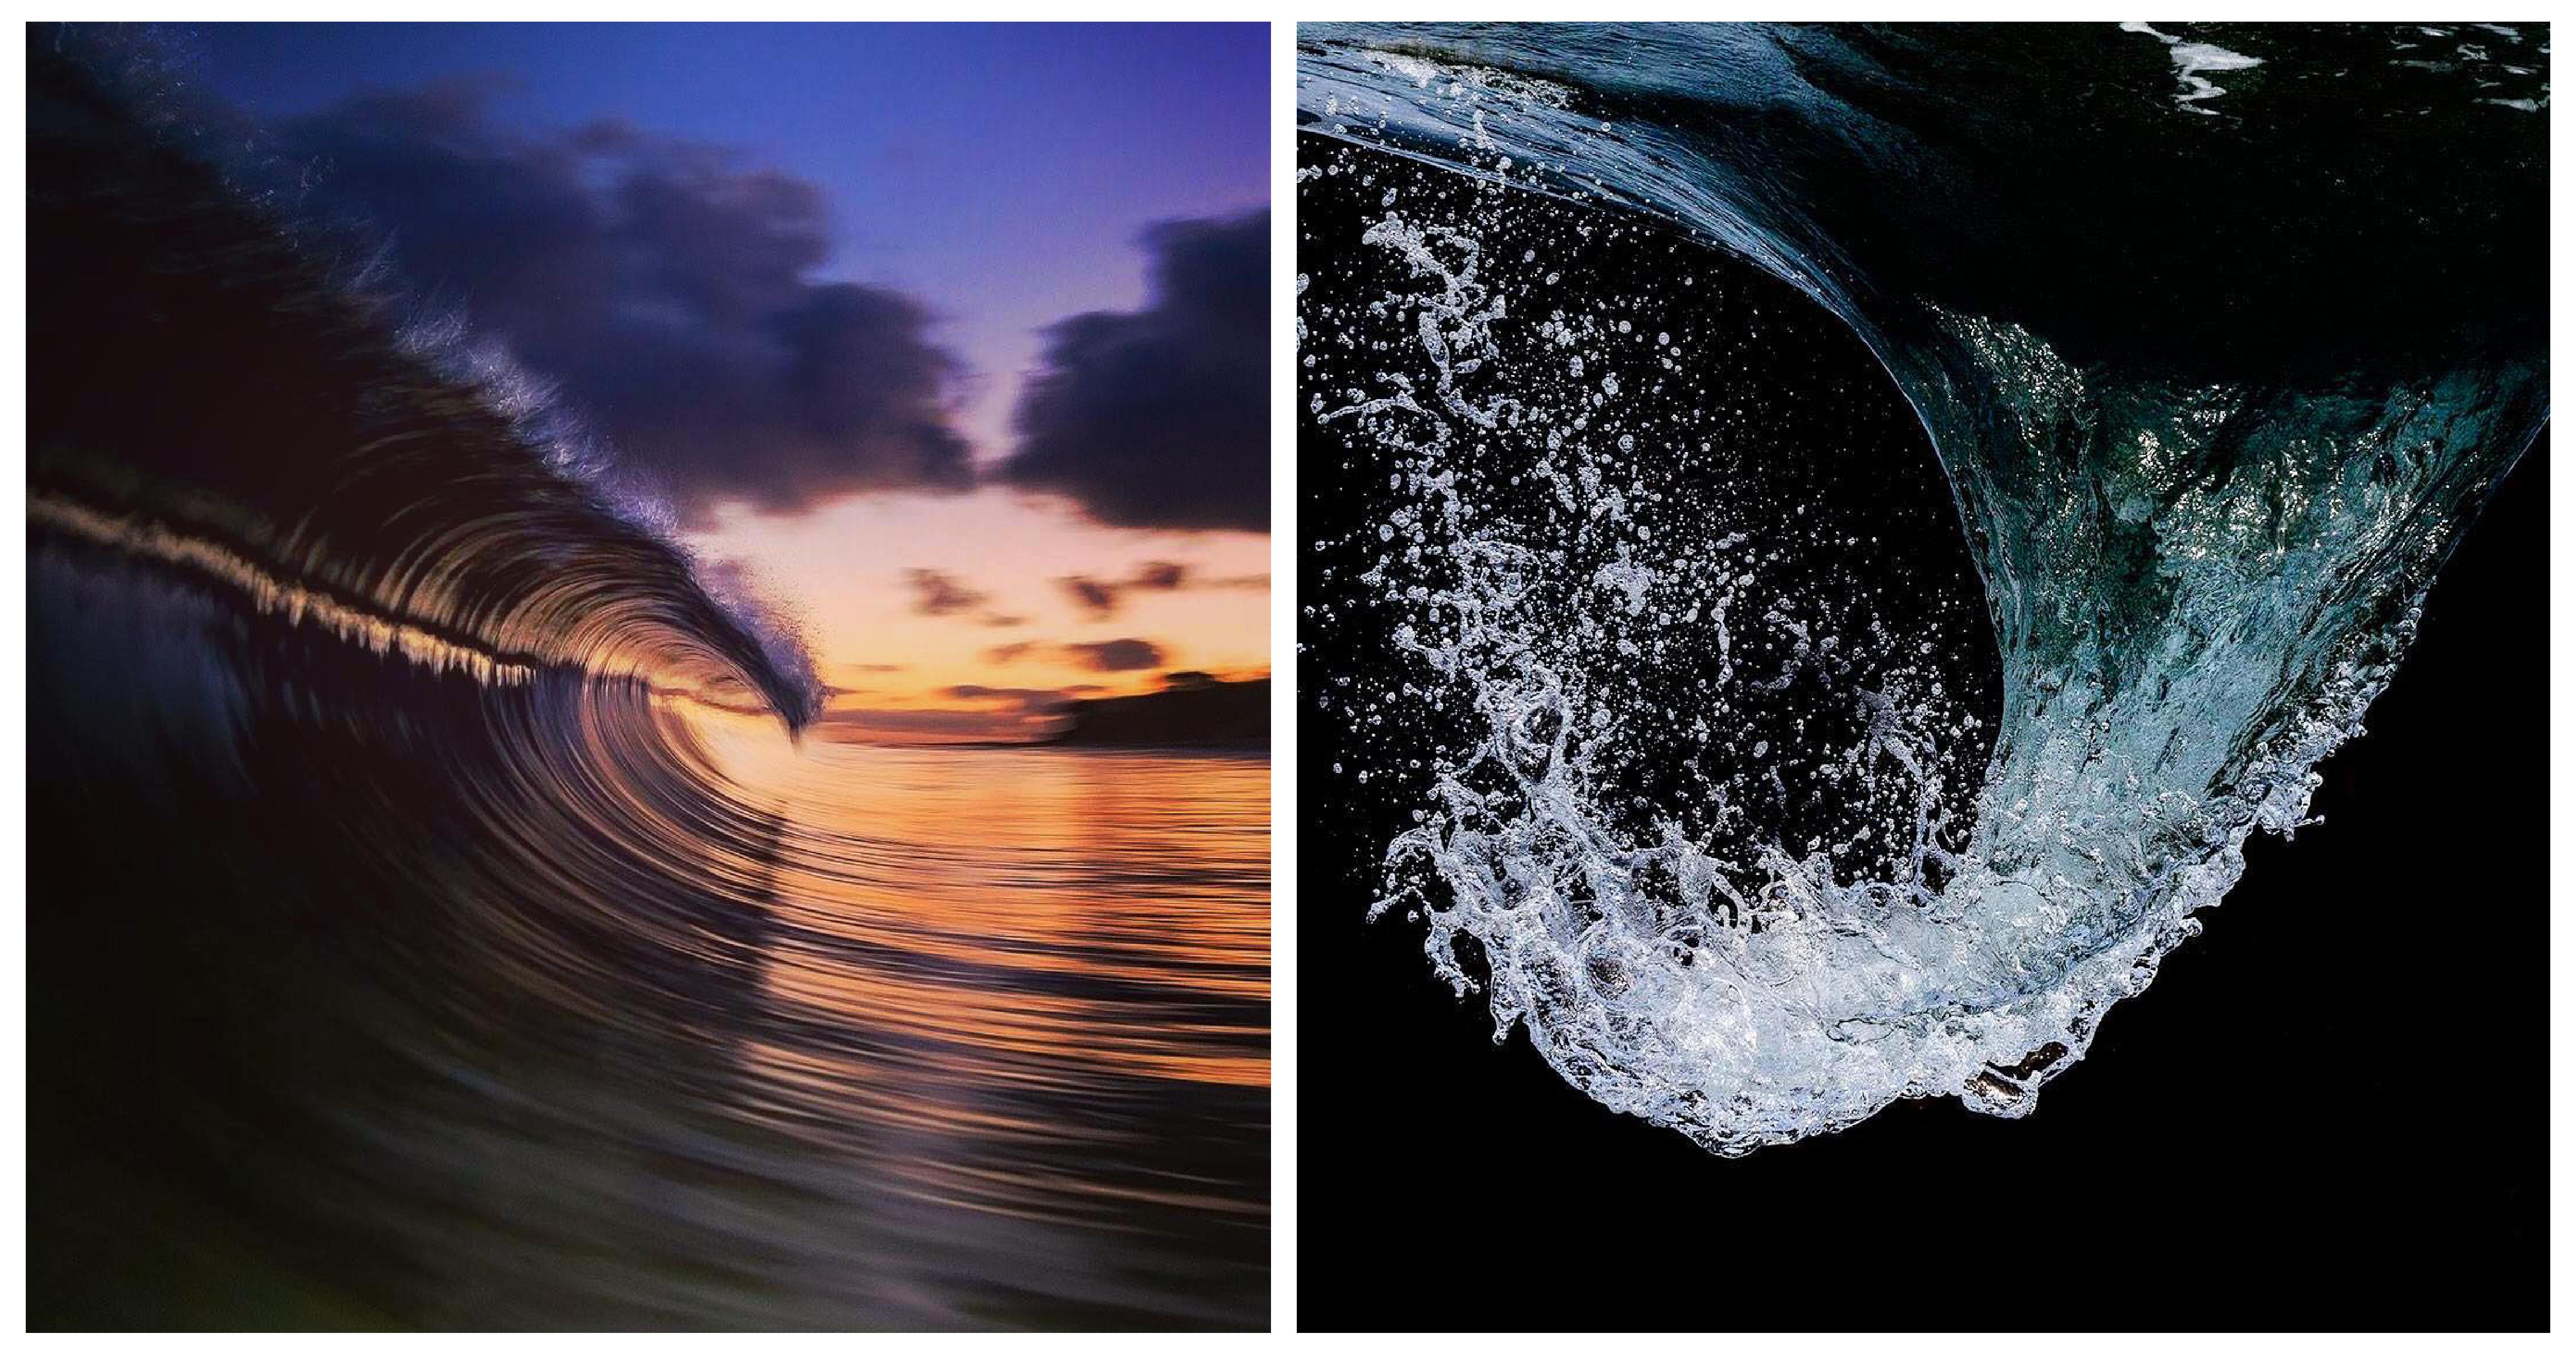 e5b081e99da2 e5b7a5e4bd9ce58d80e59f9f 1 5.png - 10張絕美海浪攝影照!攝影師超會捕捉海浪的風情萬種,網友驚呆:「美到好不真實」